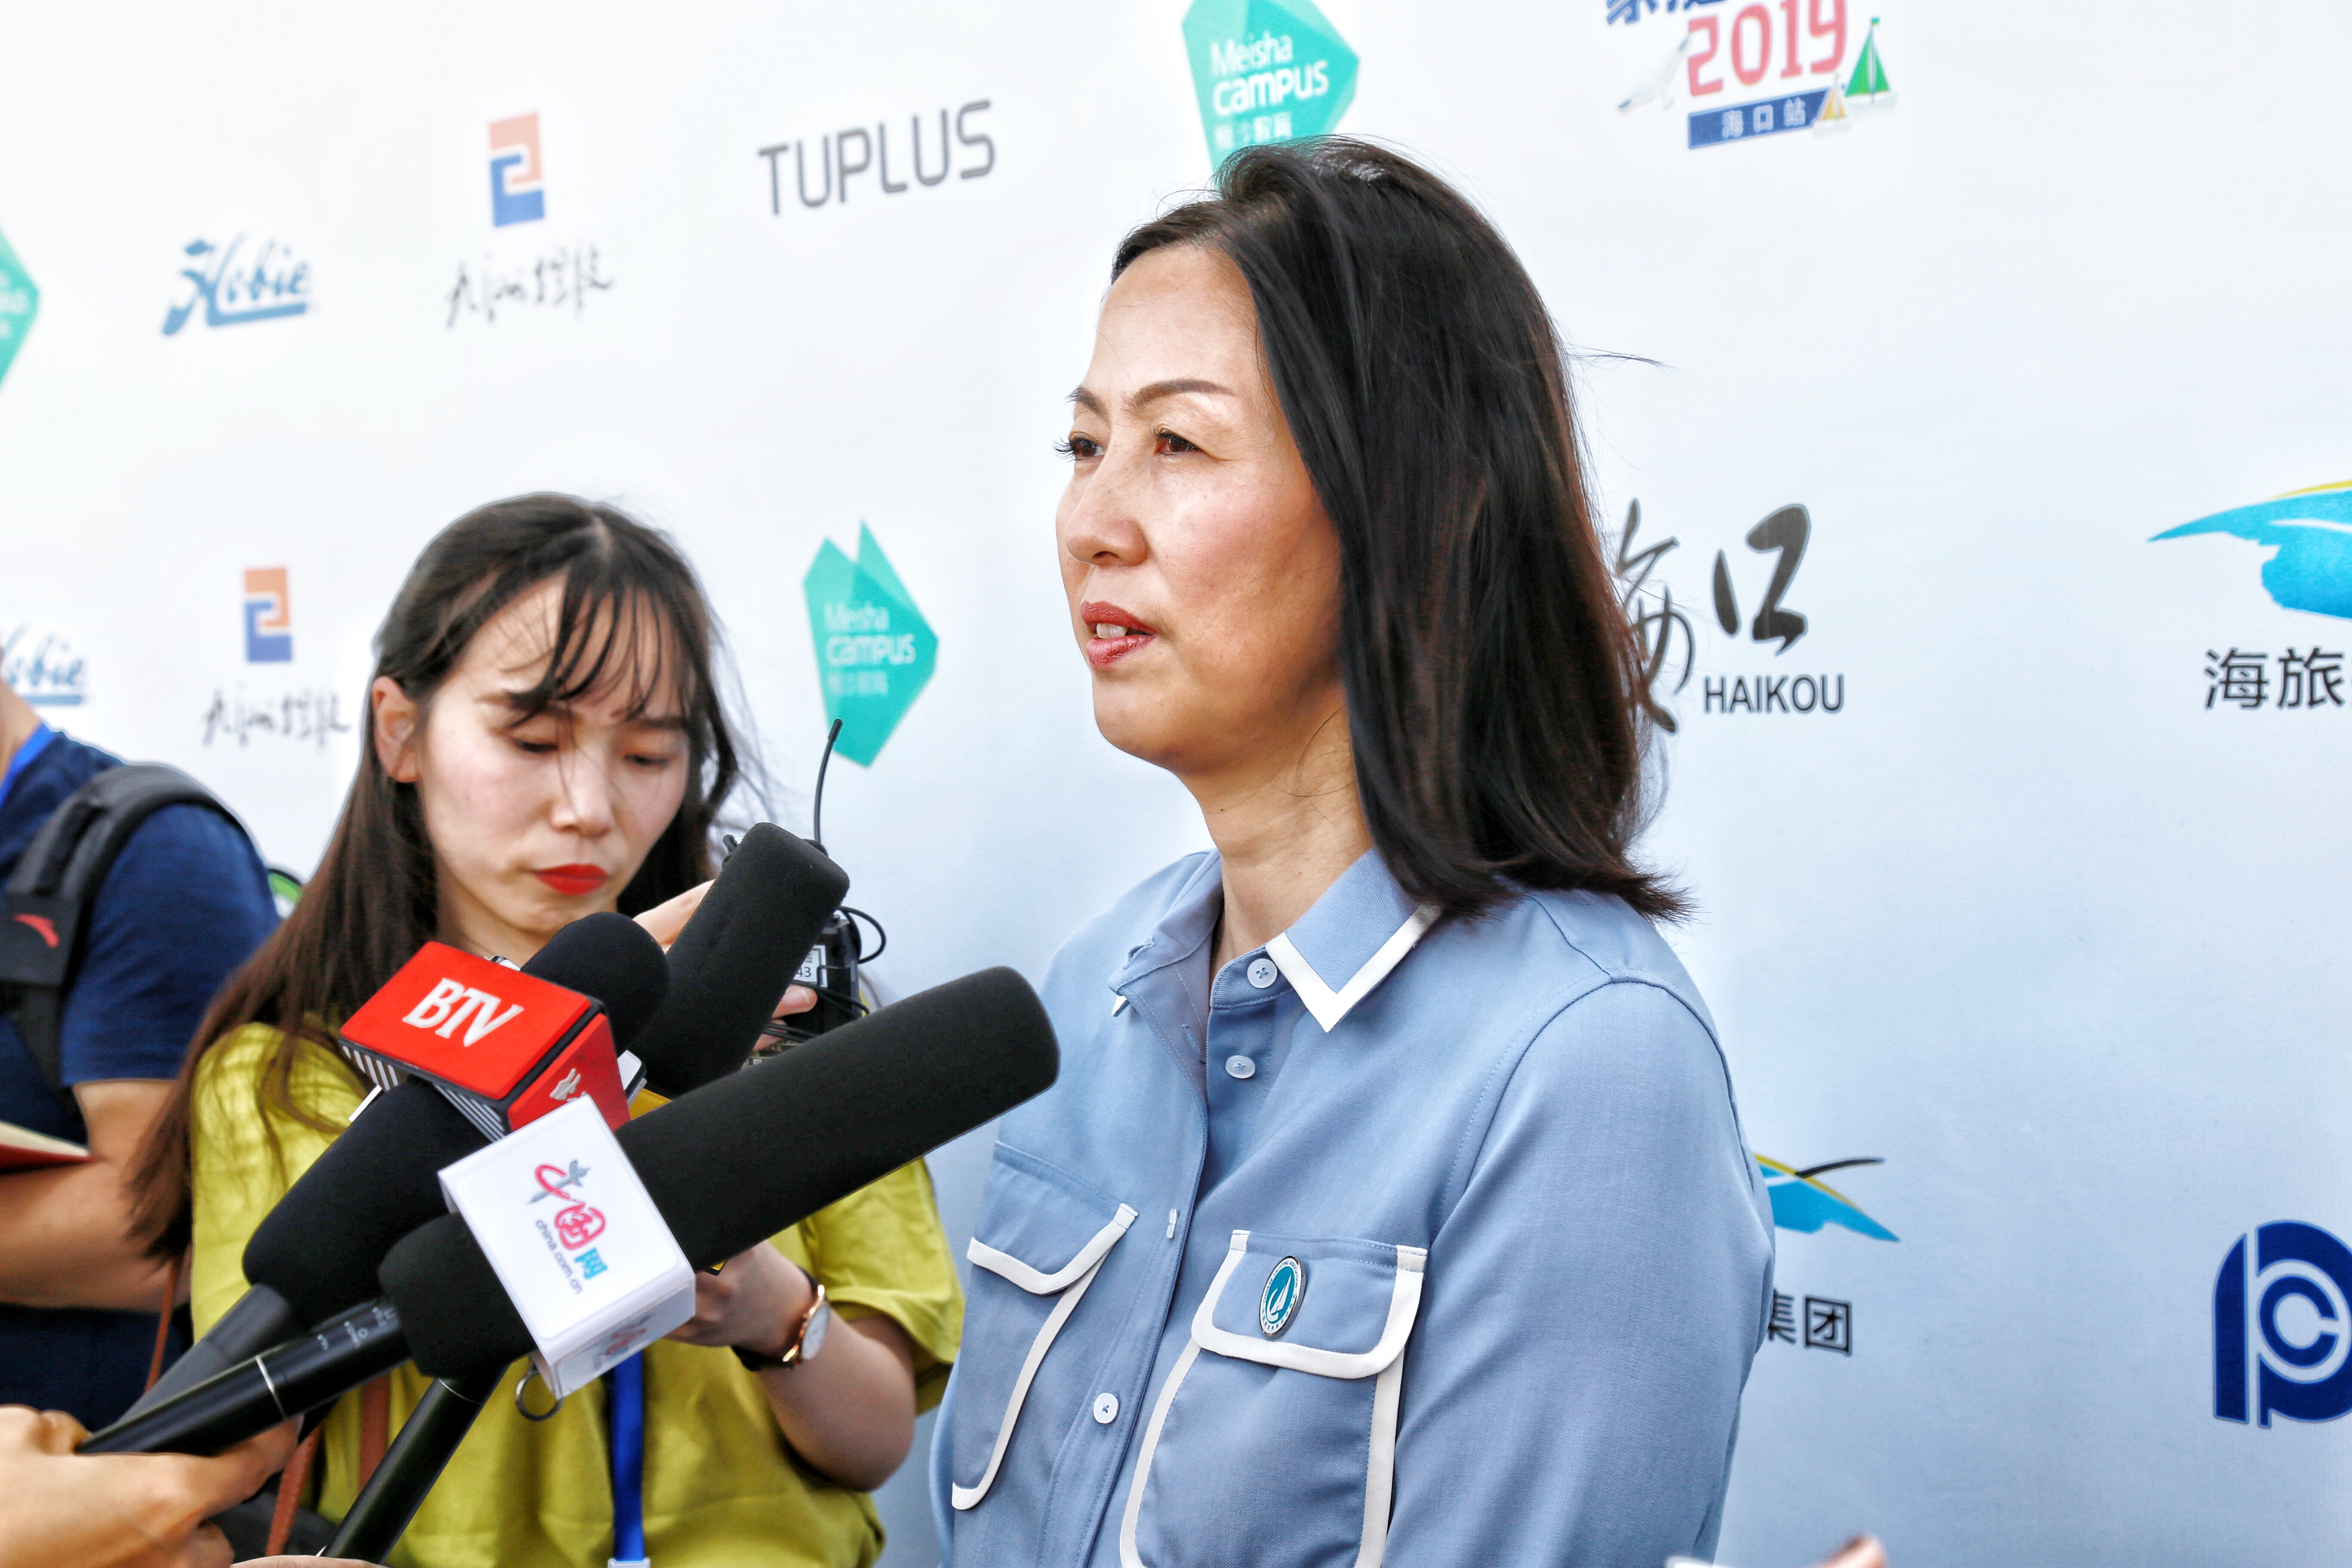 傅丹青:让帆船成为老百姓看得见、摸得着、玩得起的水上项目